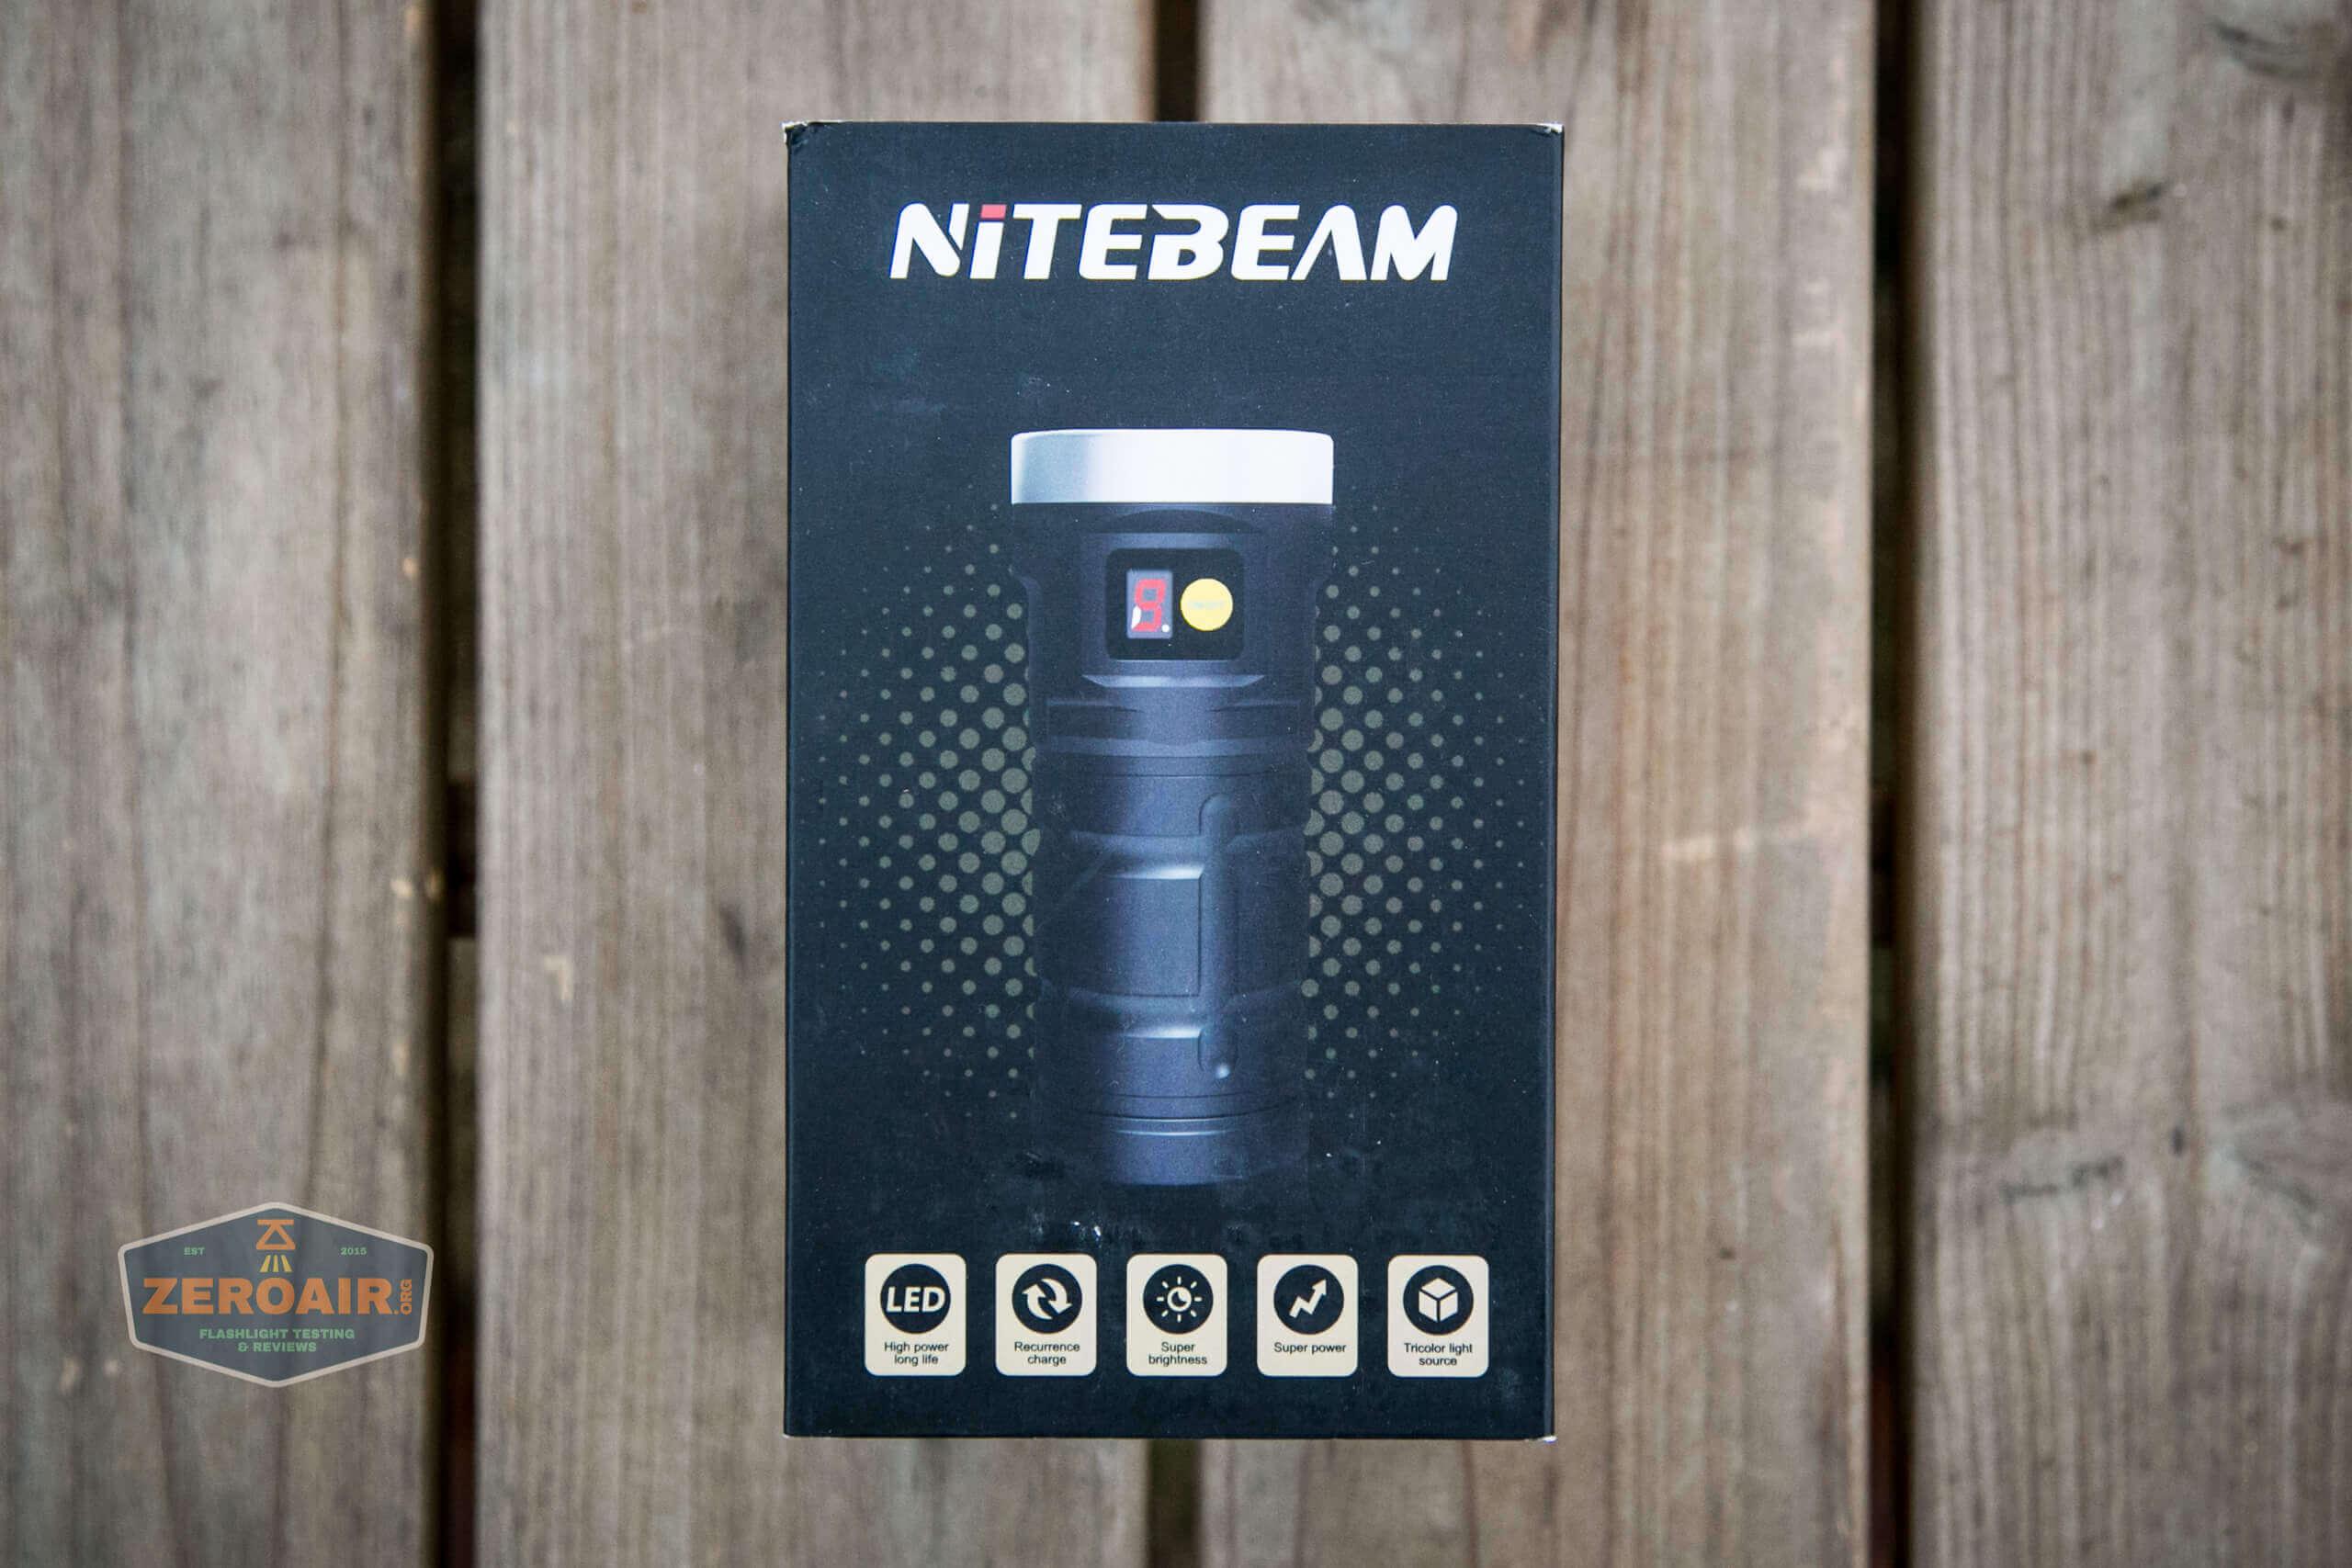 nitebeam x12uv flashlight box